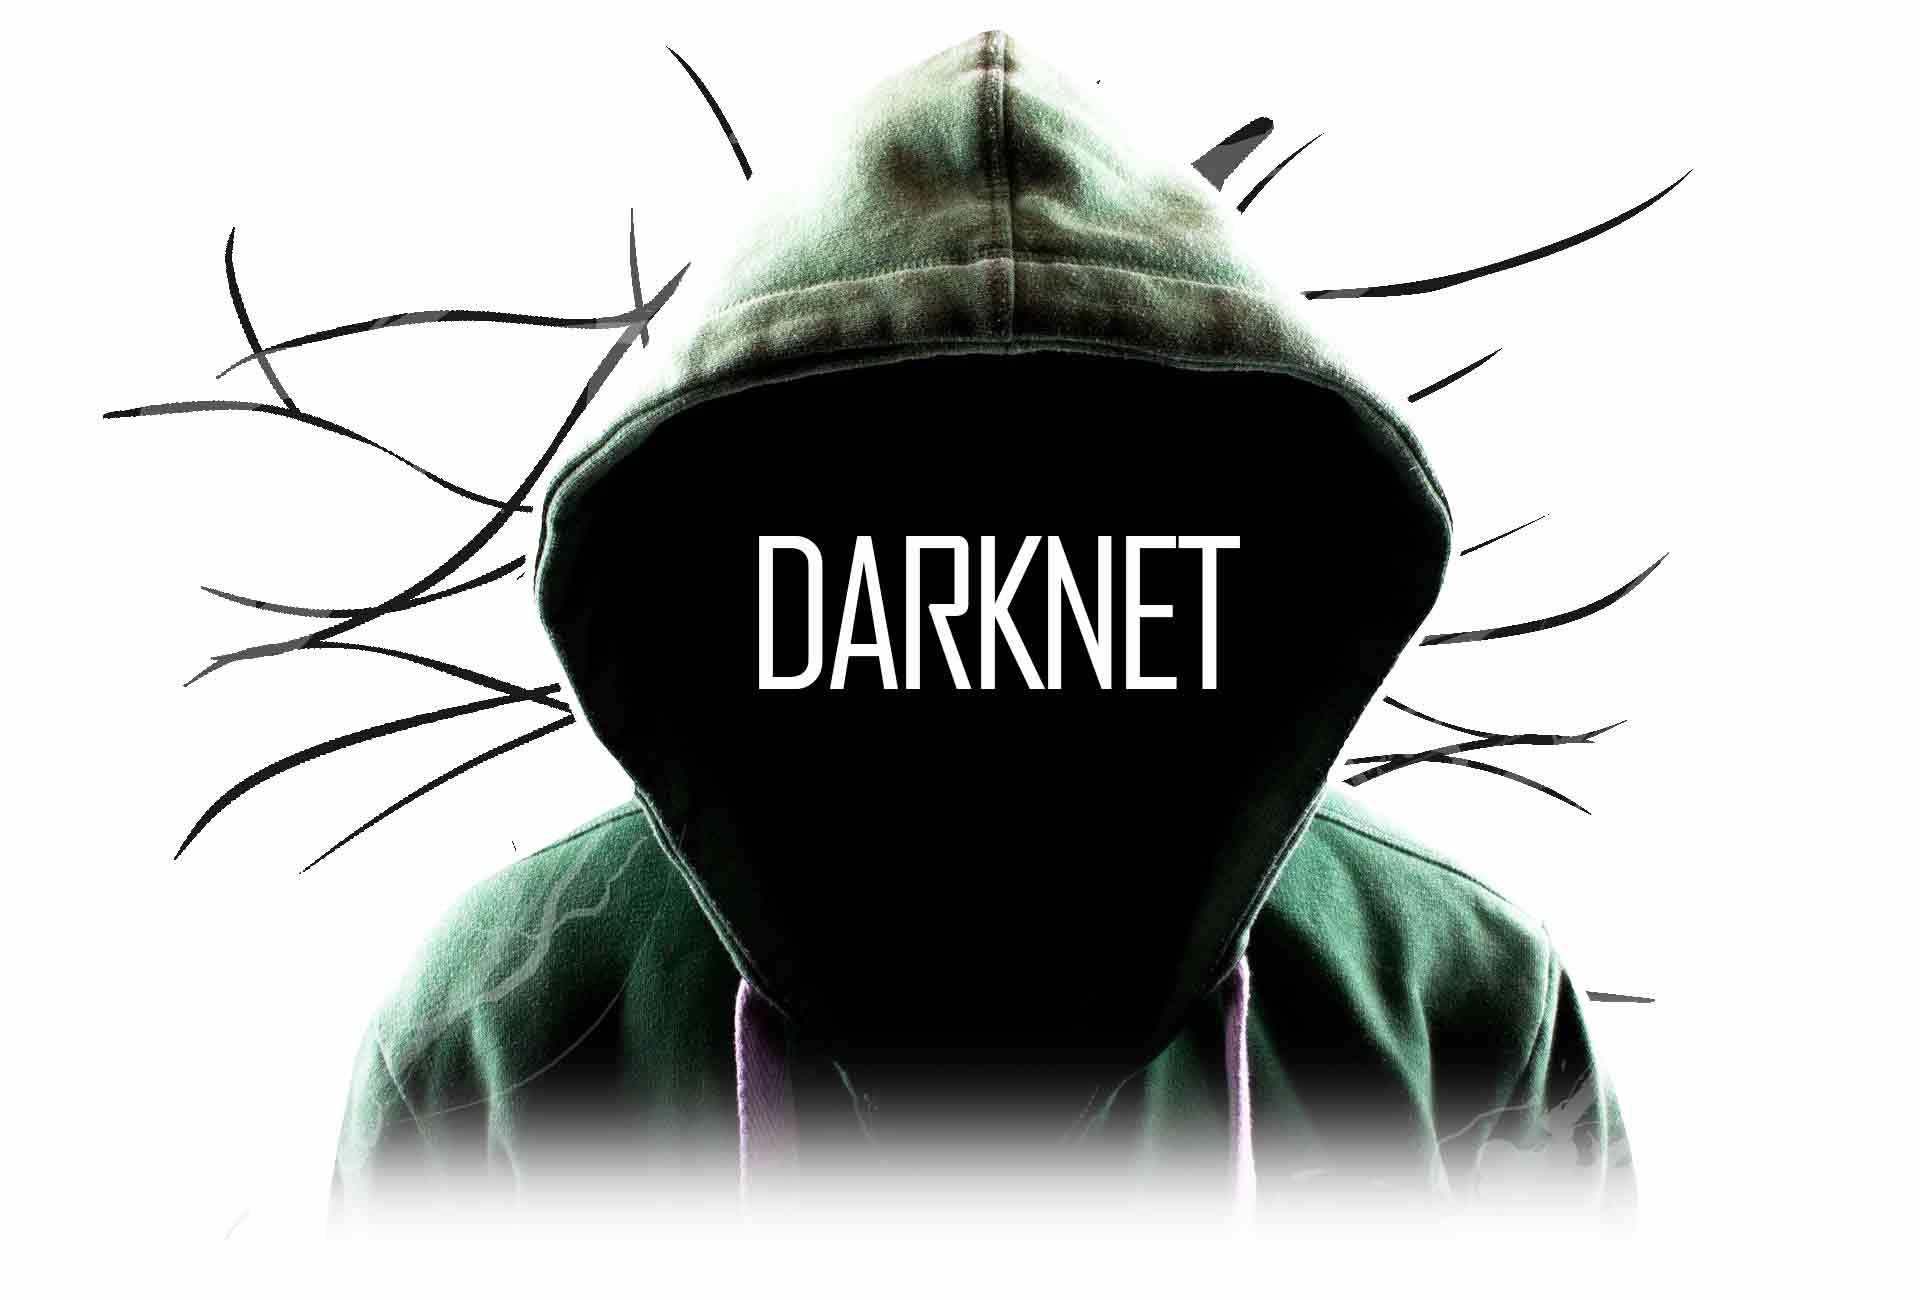 Das Darknet, die Apotheke und ich